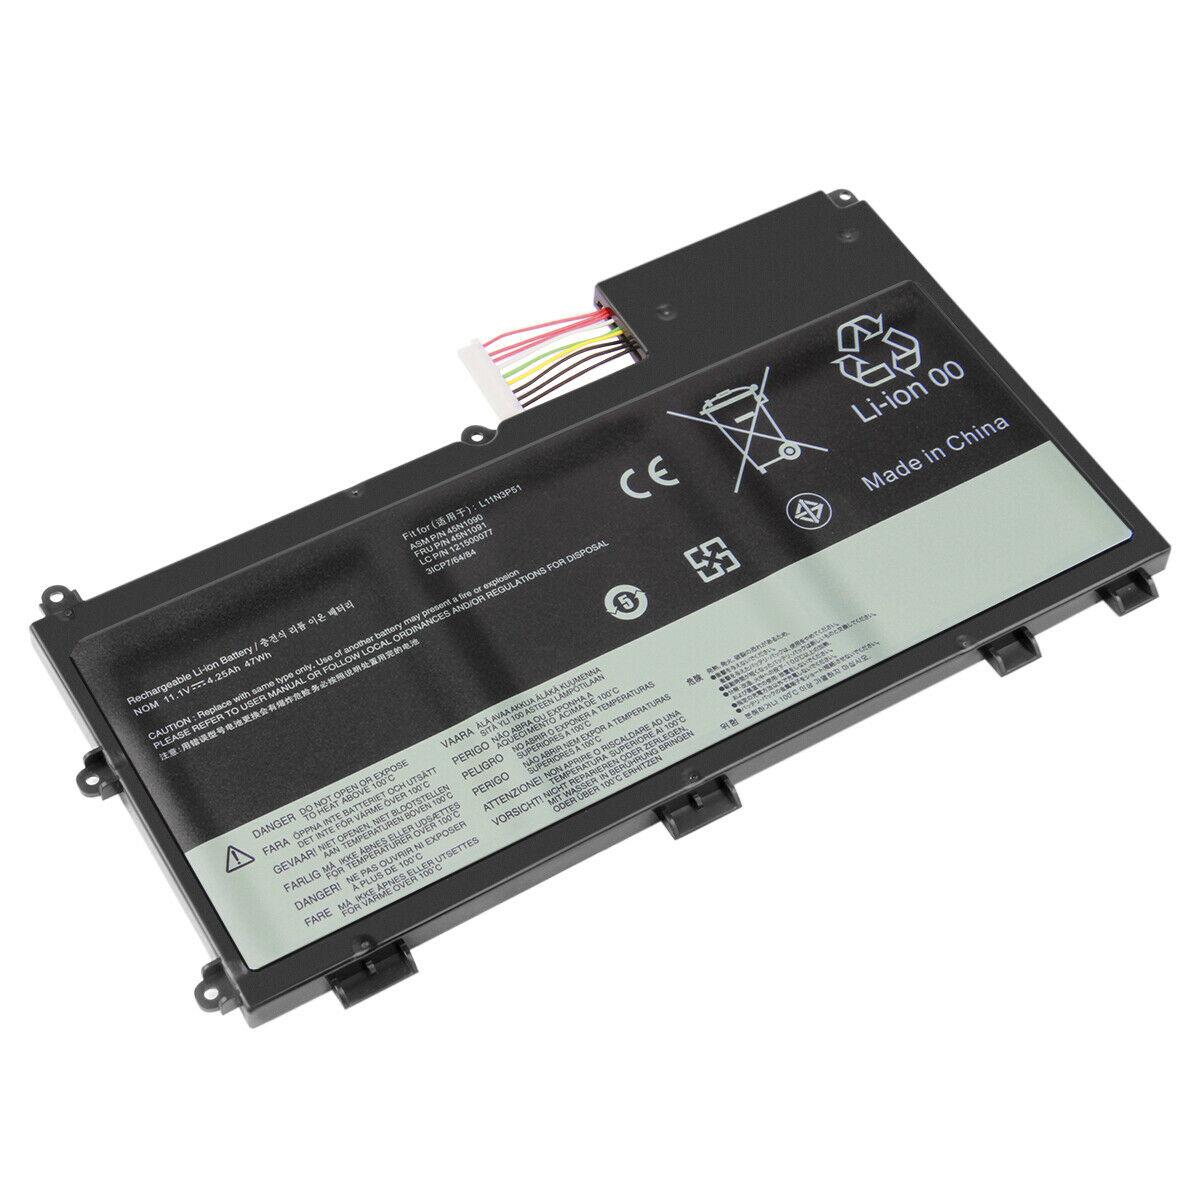 Batterie pour 4250mAh Lenovo ThinkPad T430U Ultrabook L11S3P51(compatible)